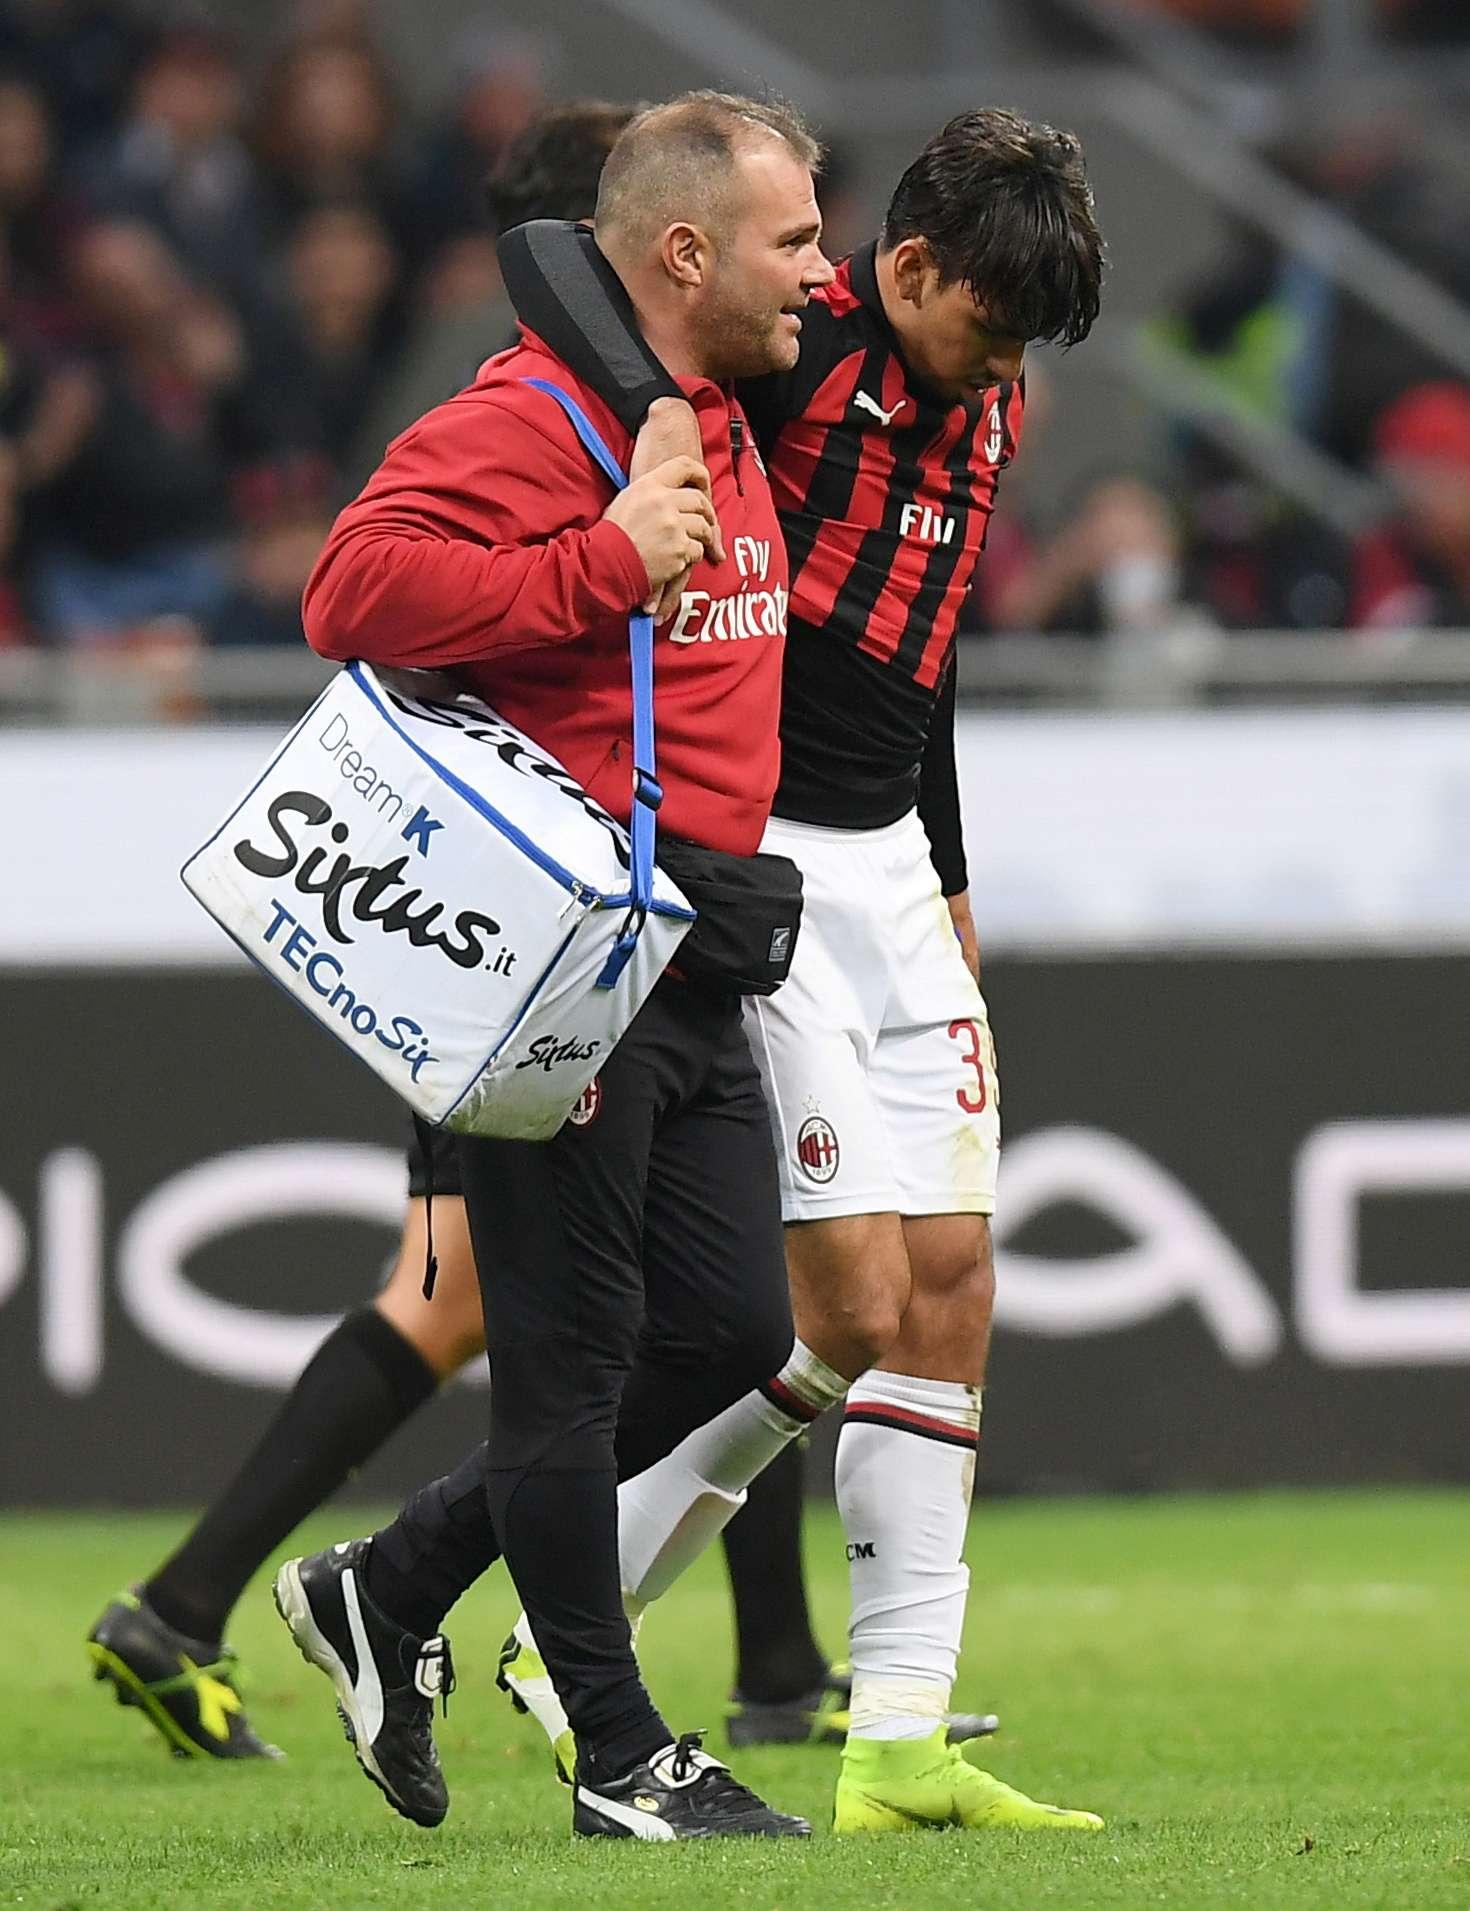 d4d9f02c1e3ce Google Notícias - Udinese Calcio - Mais recentes